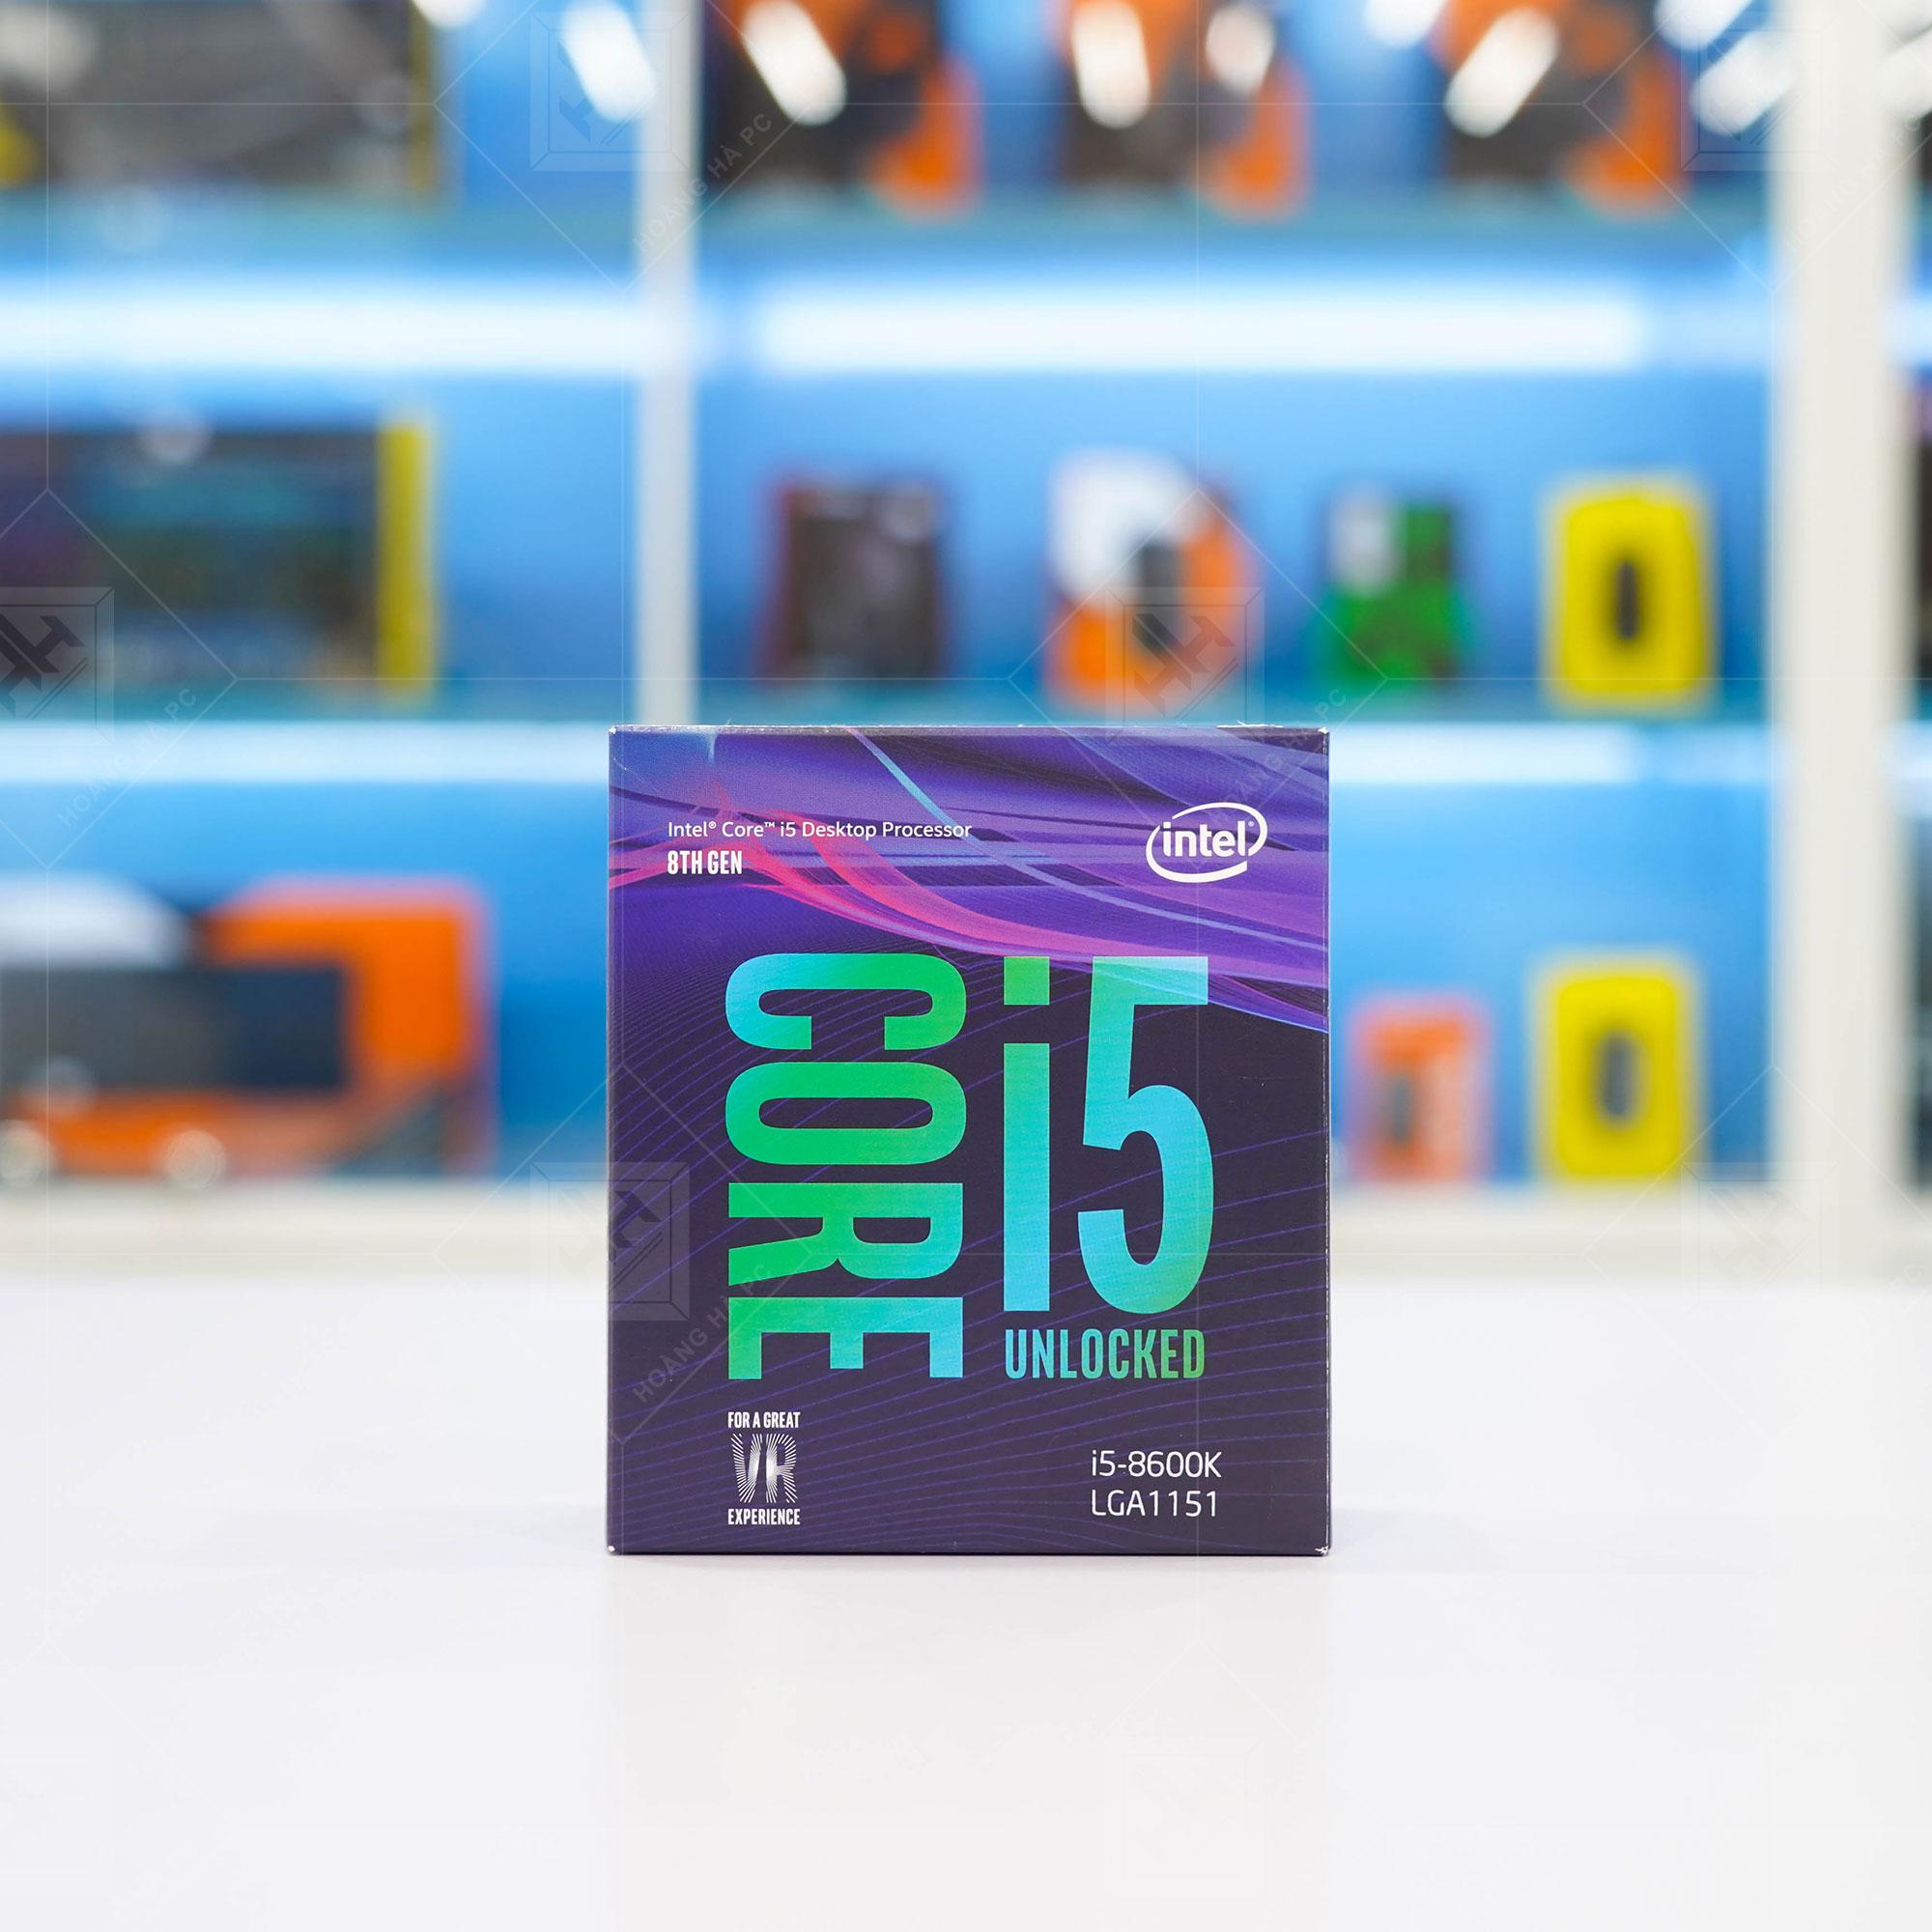 CPU Intel Core i5-8600K